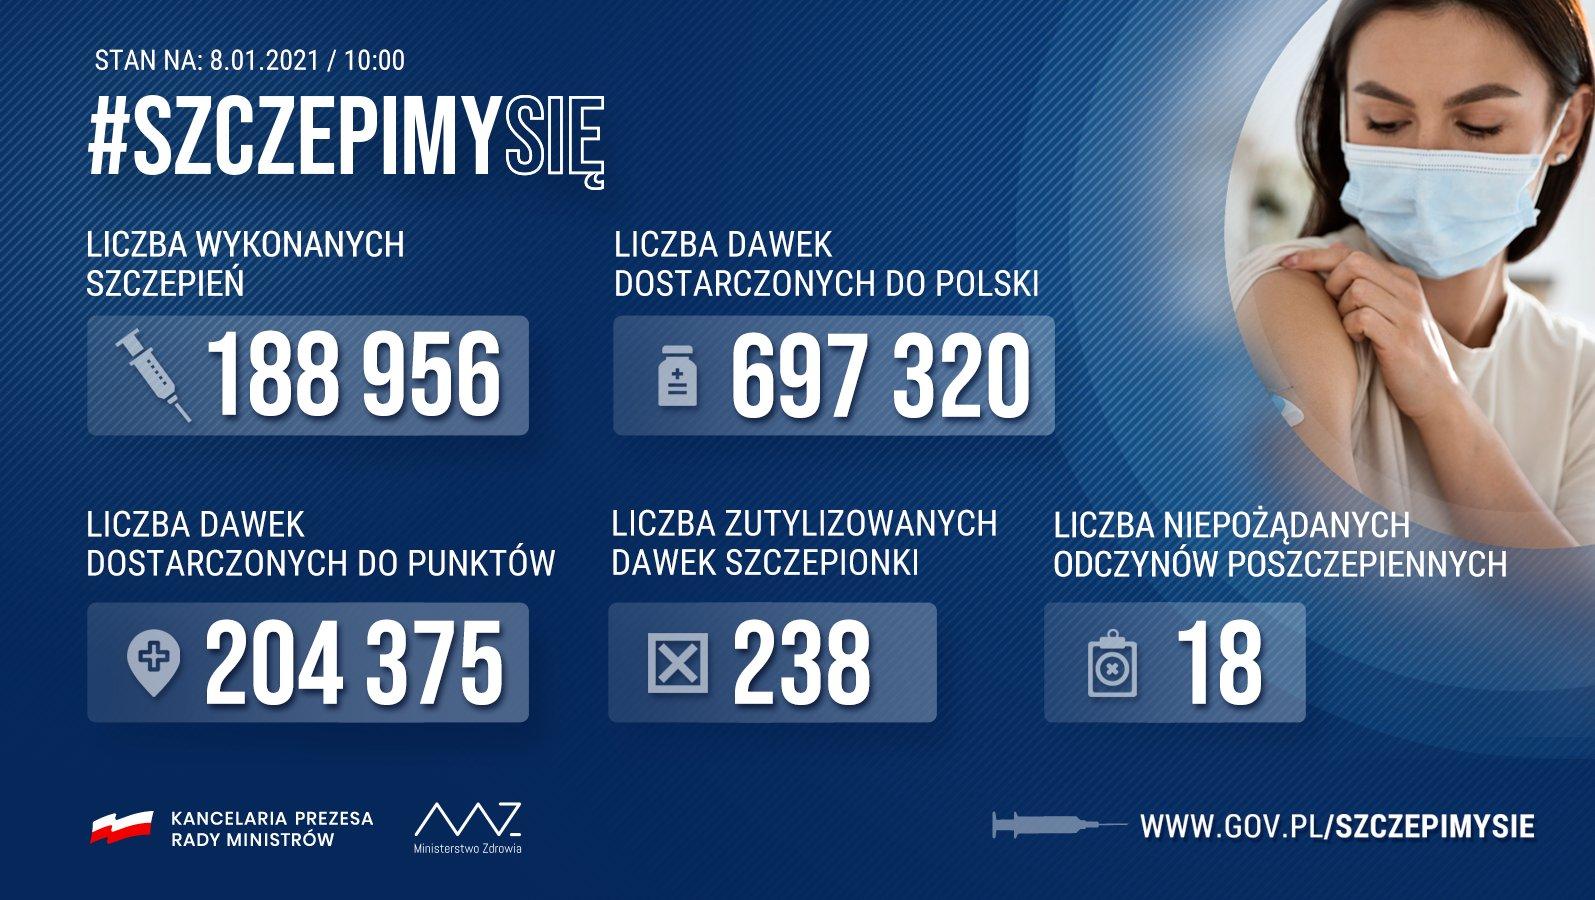 Według najnowszych danych zaszczepiono przeciwko COVID-19 już niemal 190 tys. Polaków. Z dnia na dzień ta liczba będzie się zdecydowanie zwiększać. Jedyne, co nas dzisiaj ogranicza, to dostępność szczepionki, kupowanej według wspólnego, solidarnego mechanizmu unijnego. Zgodnie z deklaracjami producentów, do końca marca otrzymamy 5,9 mln dawek szczepionki, co pozwoli zaszczepić blisko 3 miliony osób. Pamiętajmy, że każdy dzień szczepień przybliża do powrotu do upragnionej przez nas wszystkich normalności.